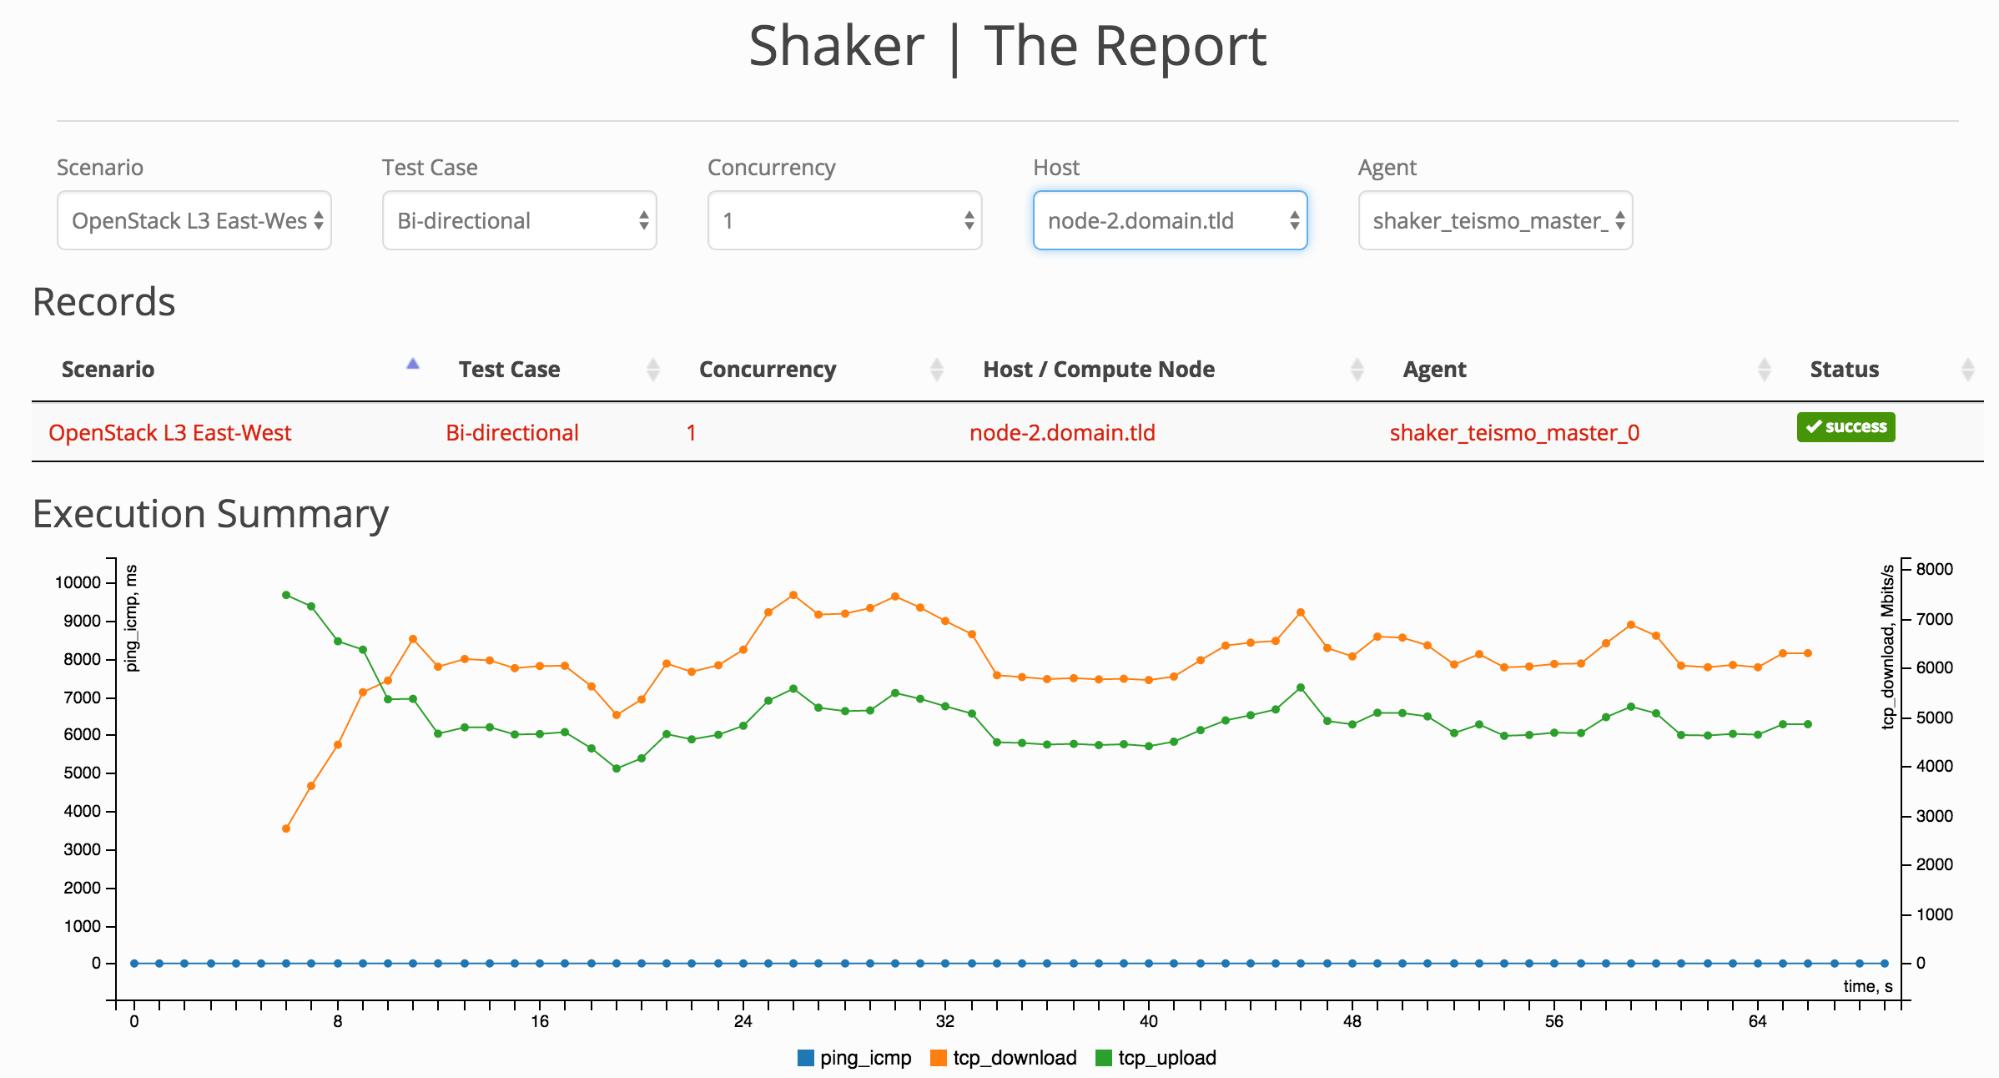 screenshot of L3 Shaker Report